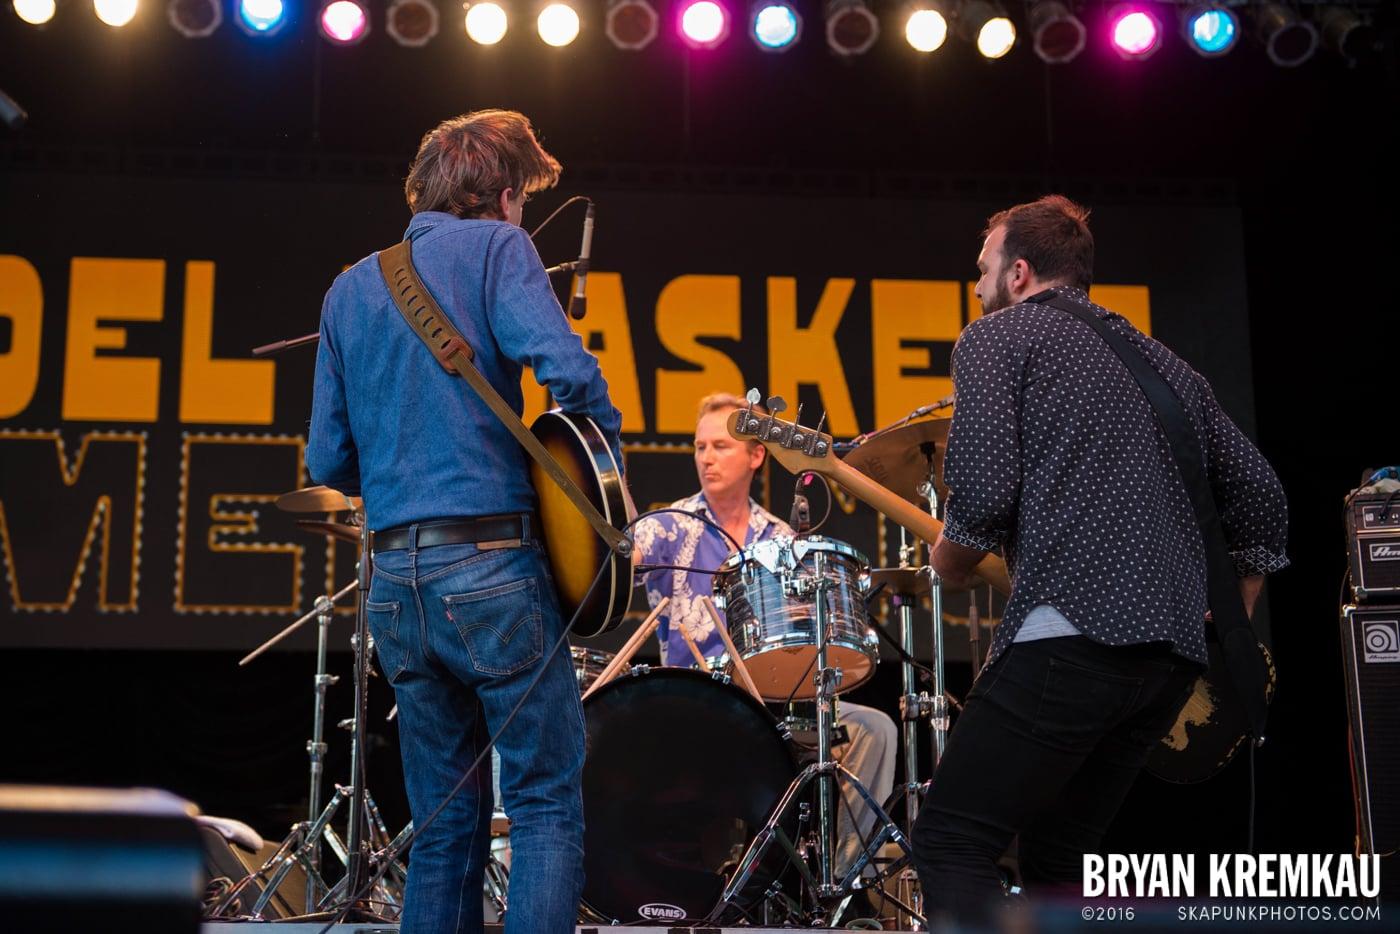 Joel Plaskett Emergency @ Central Park Summer Stage, NYC - 6.29.13 (9)